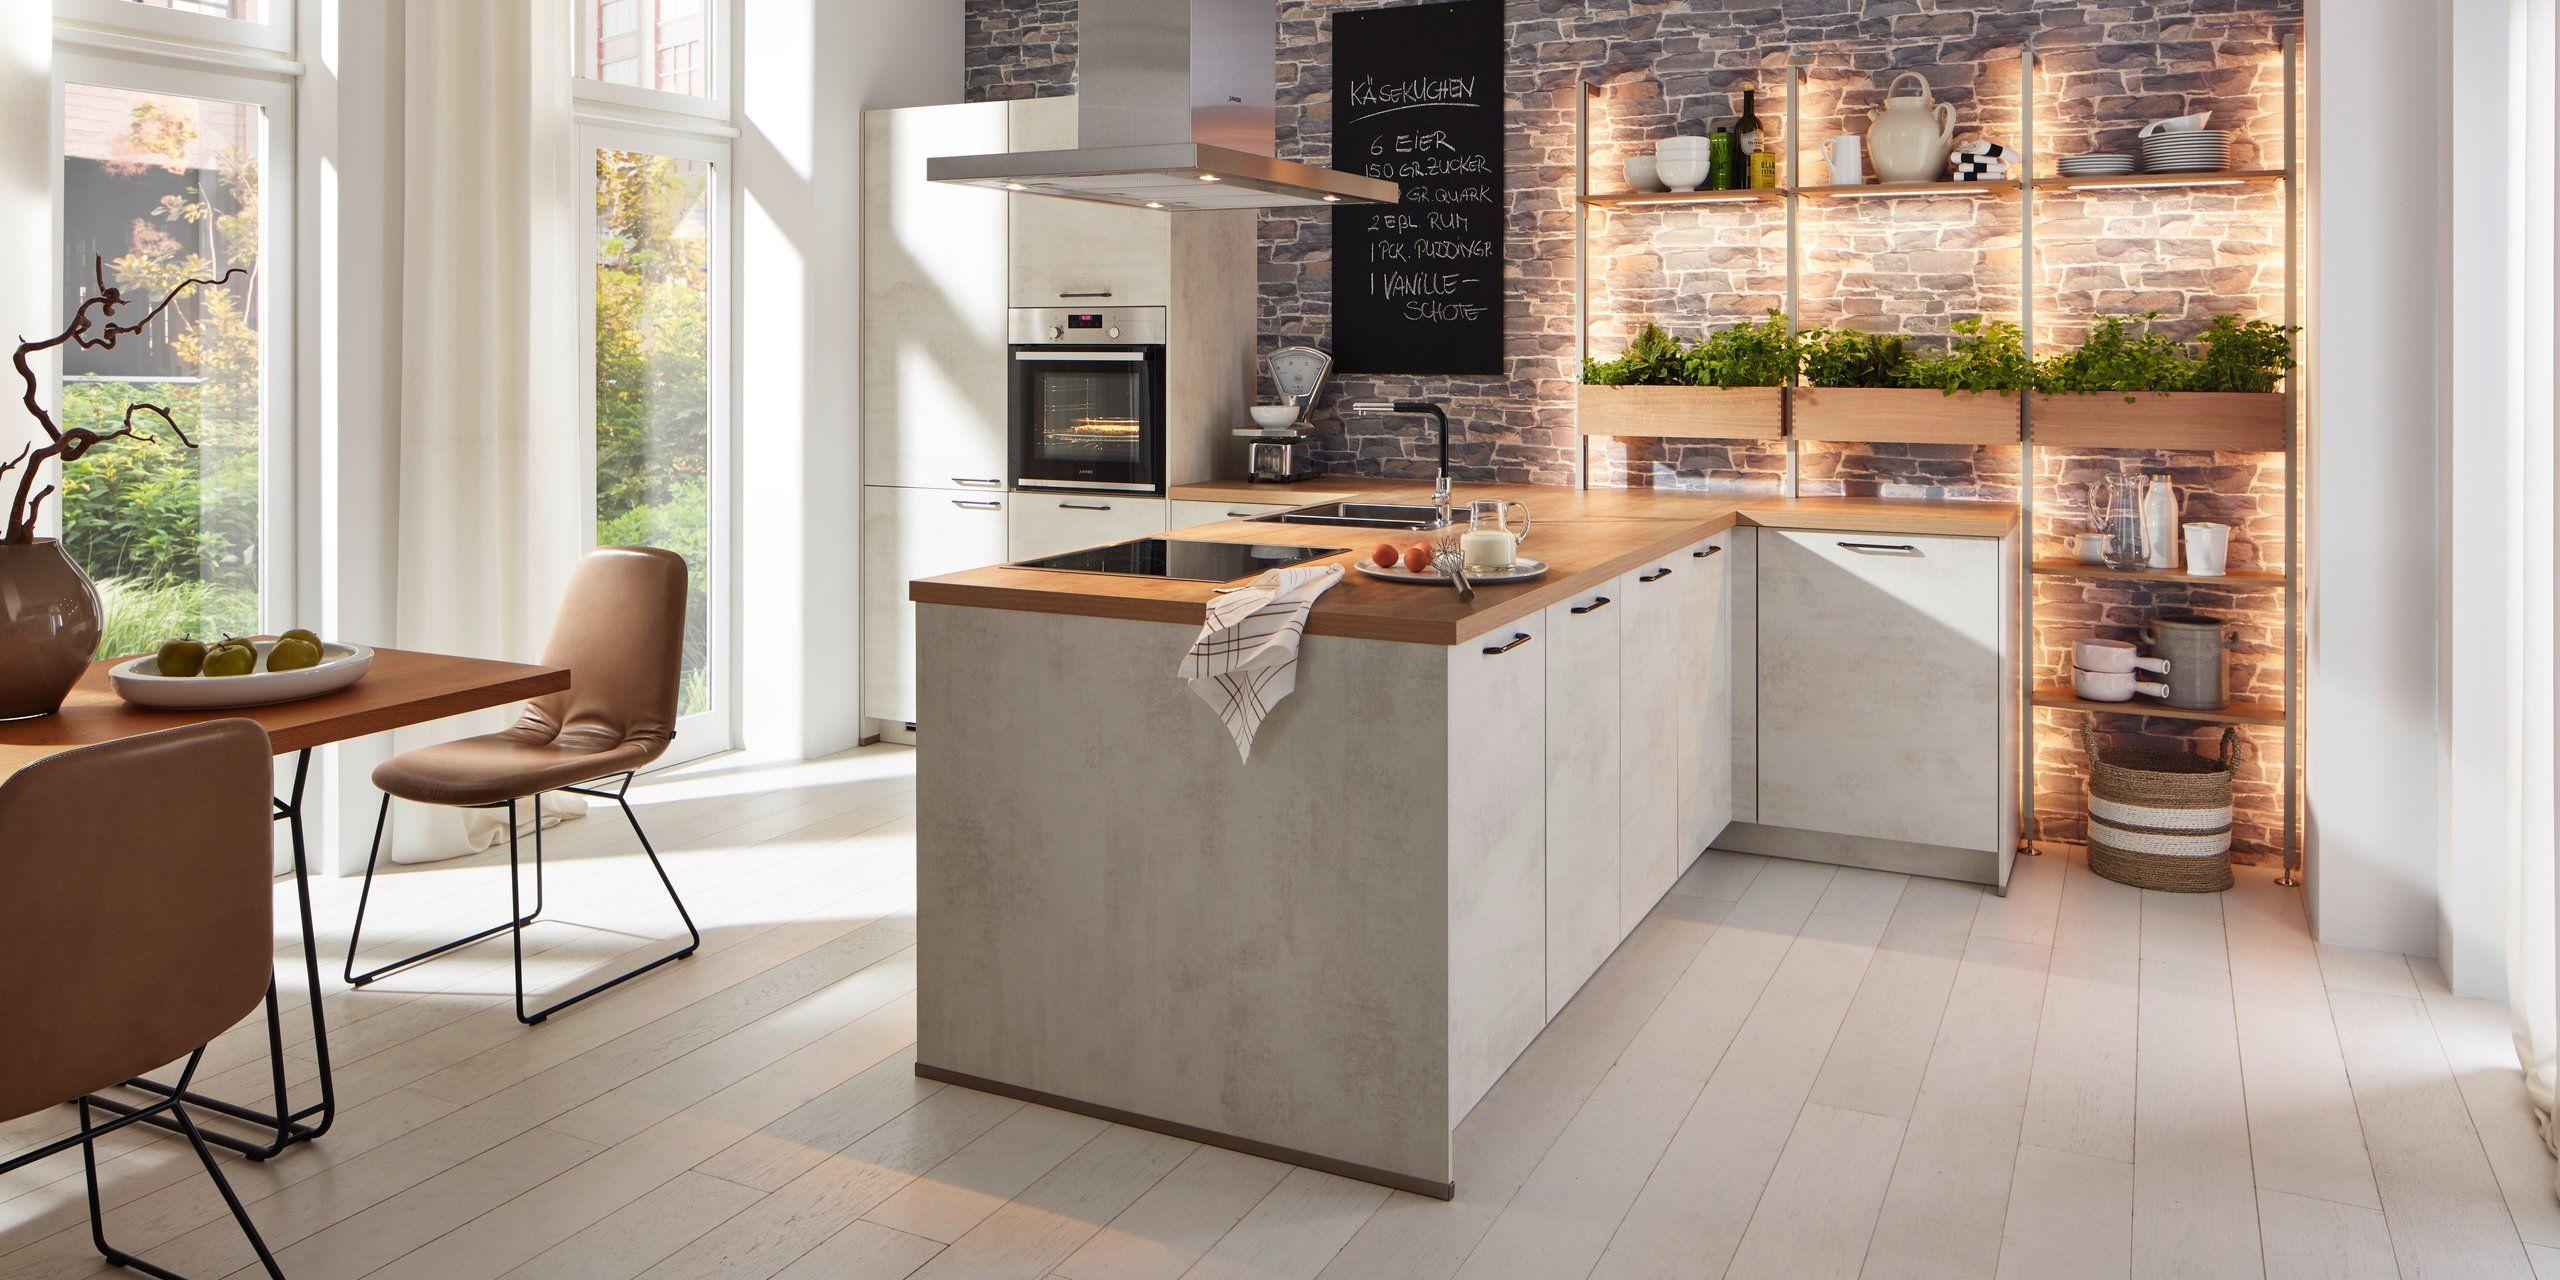 Moderne Küche in Weißbeton Küche Kräuterliebe in 2020